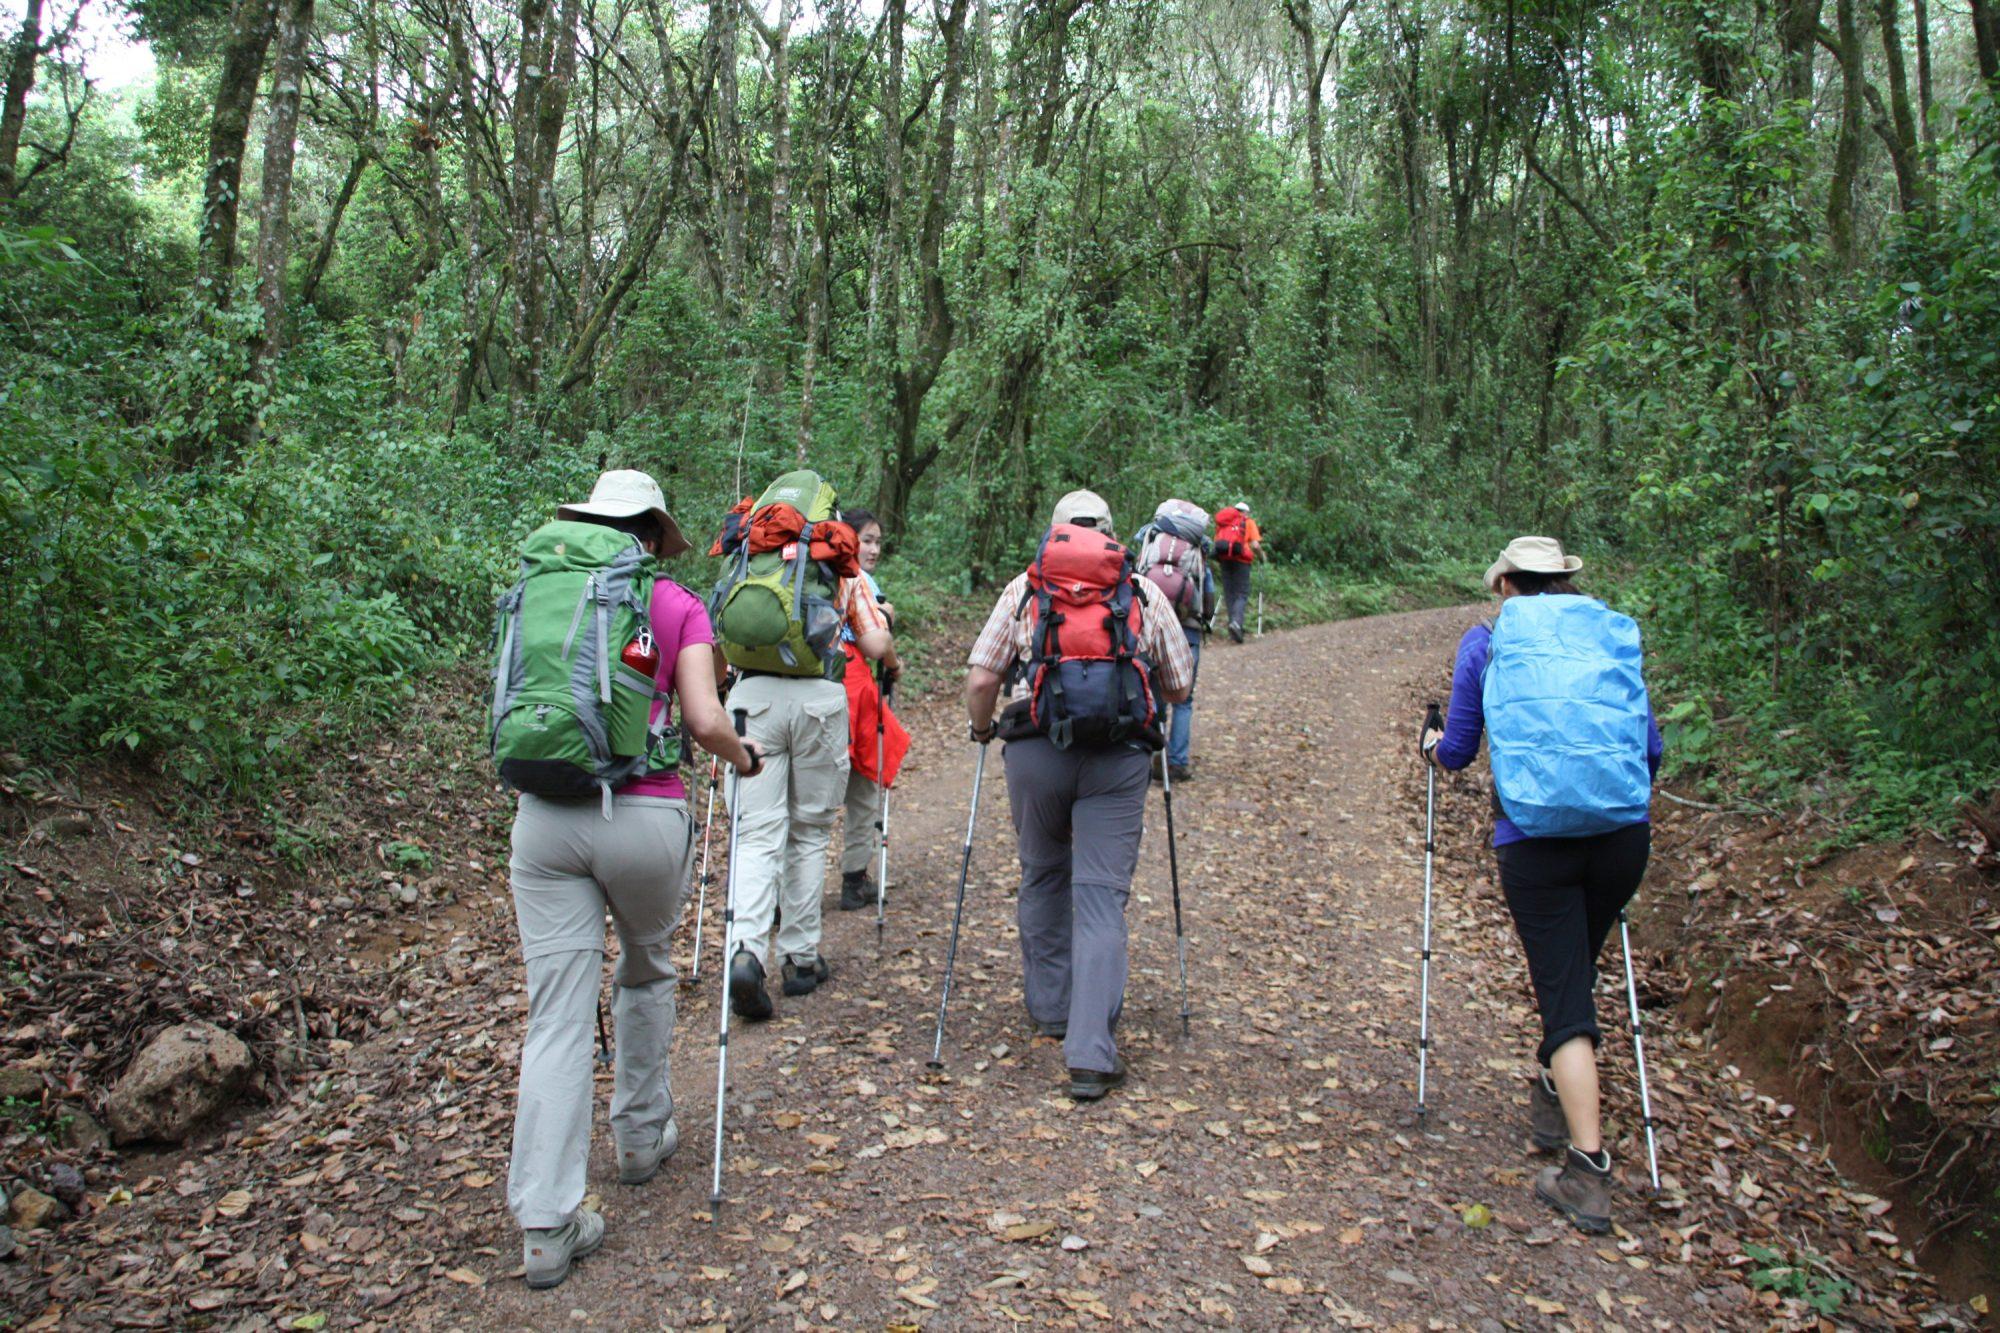 Forstweg am Machame Gate, Kilimandscharo, Kilimandscharo besteigen, Tansania, Afrika, Kilimandscharo Tour, Erfahrungsbericht, Machame Route